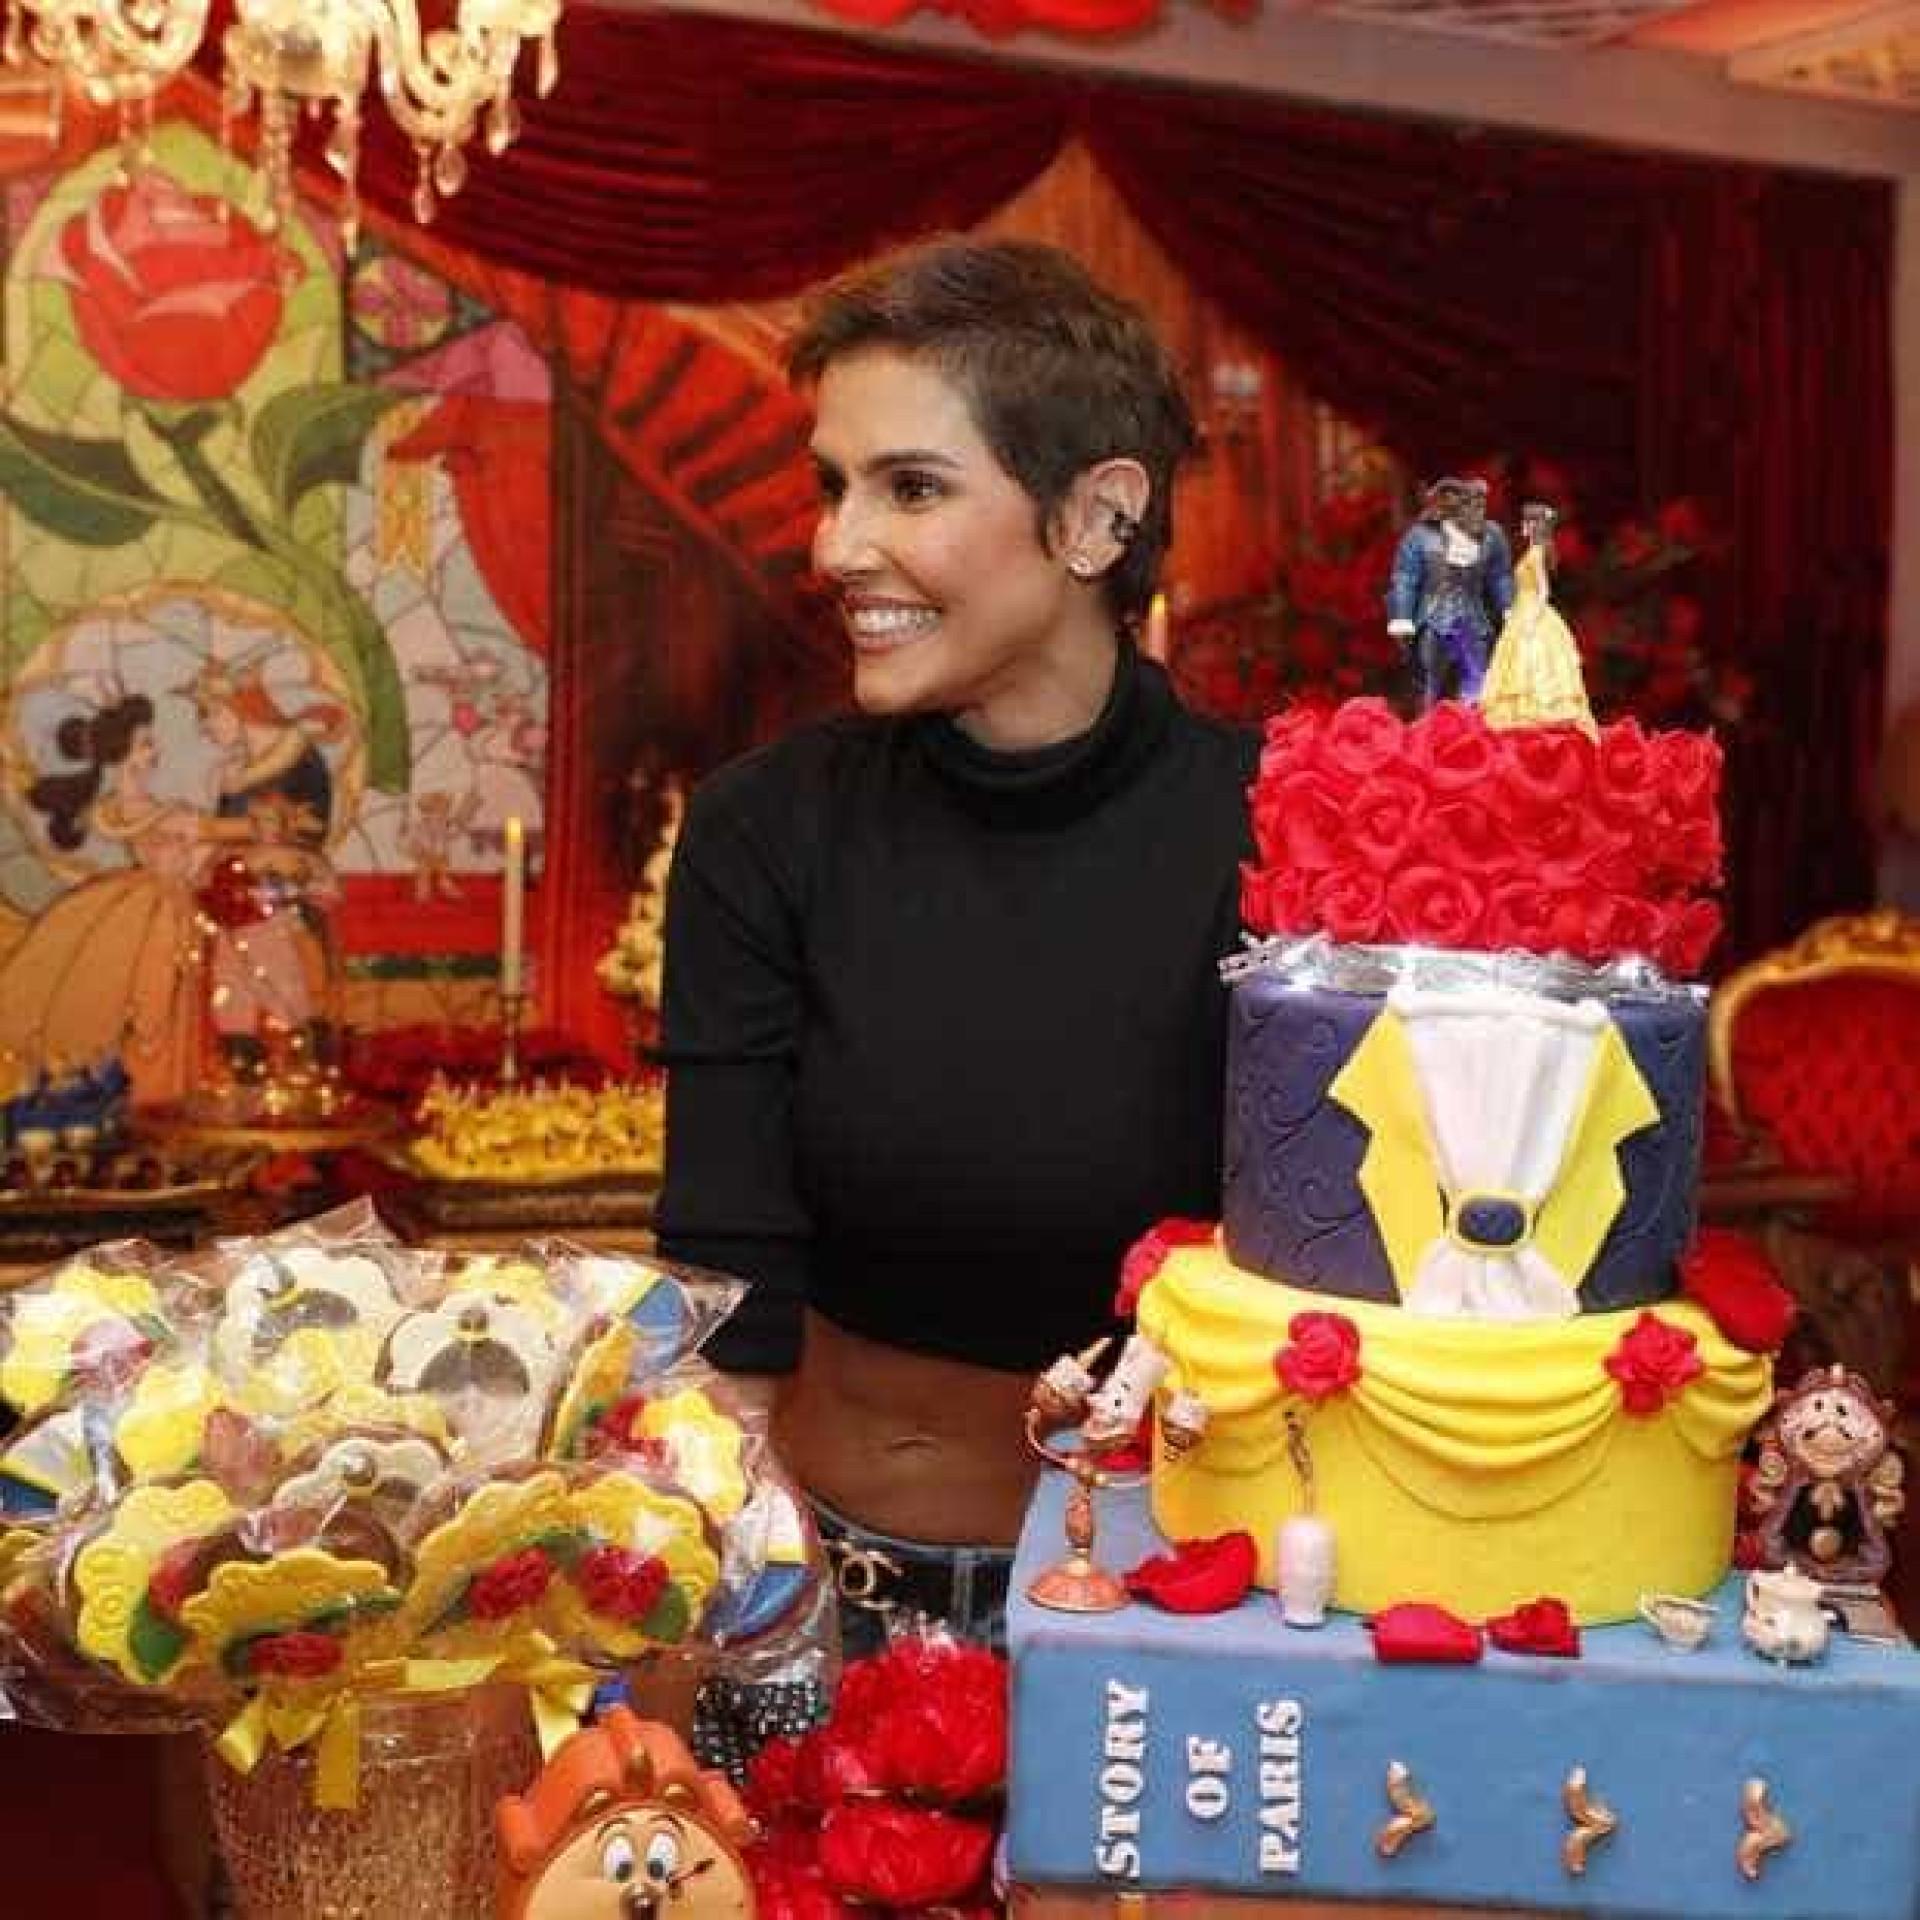 Filha de Deborah Secco e Hugo Moura comemora 3 anos em festa no Rio